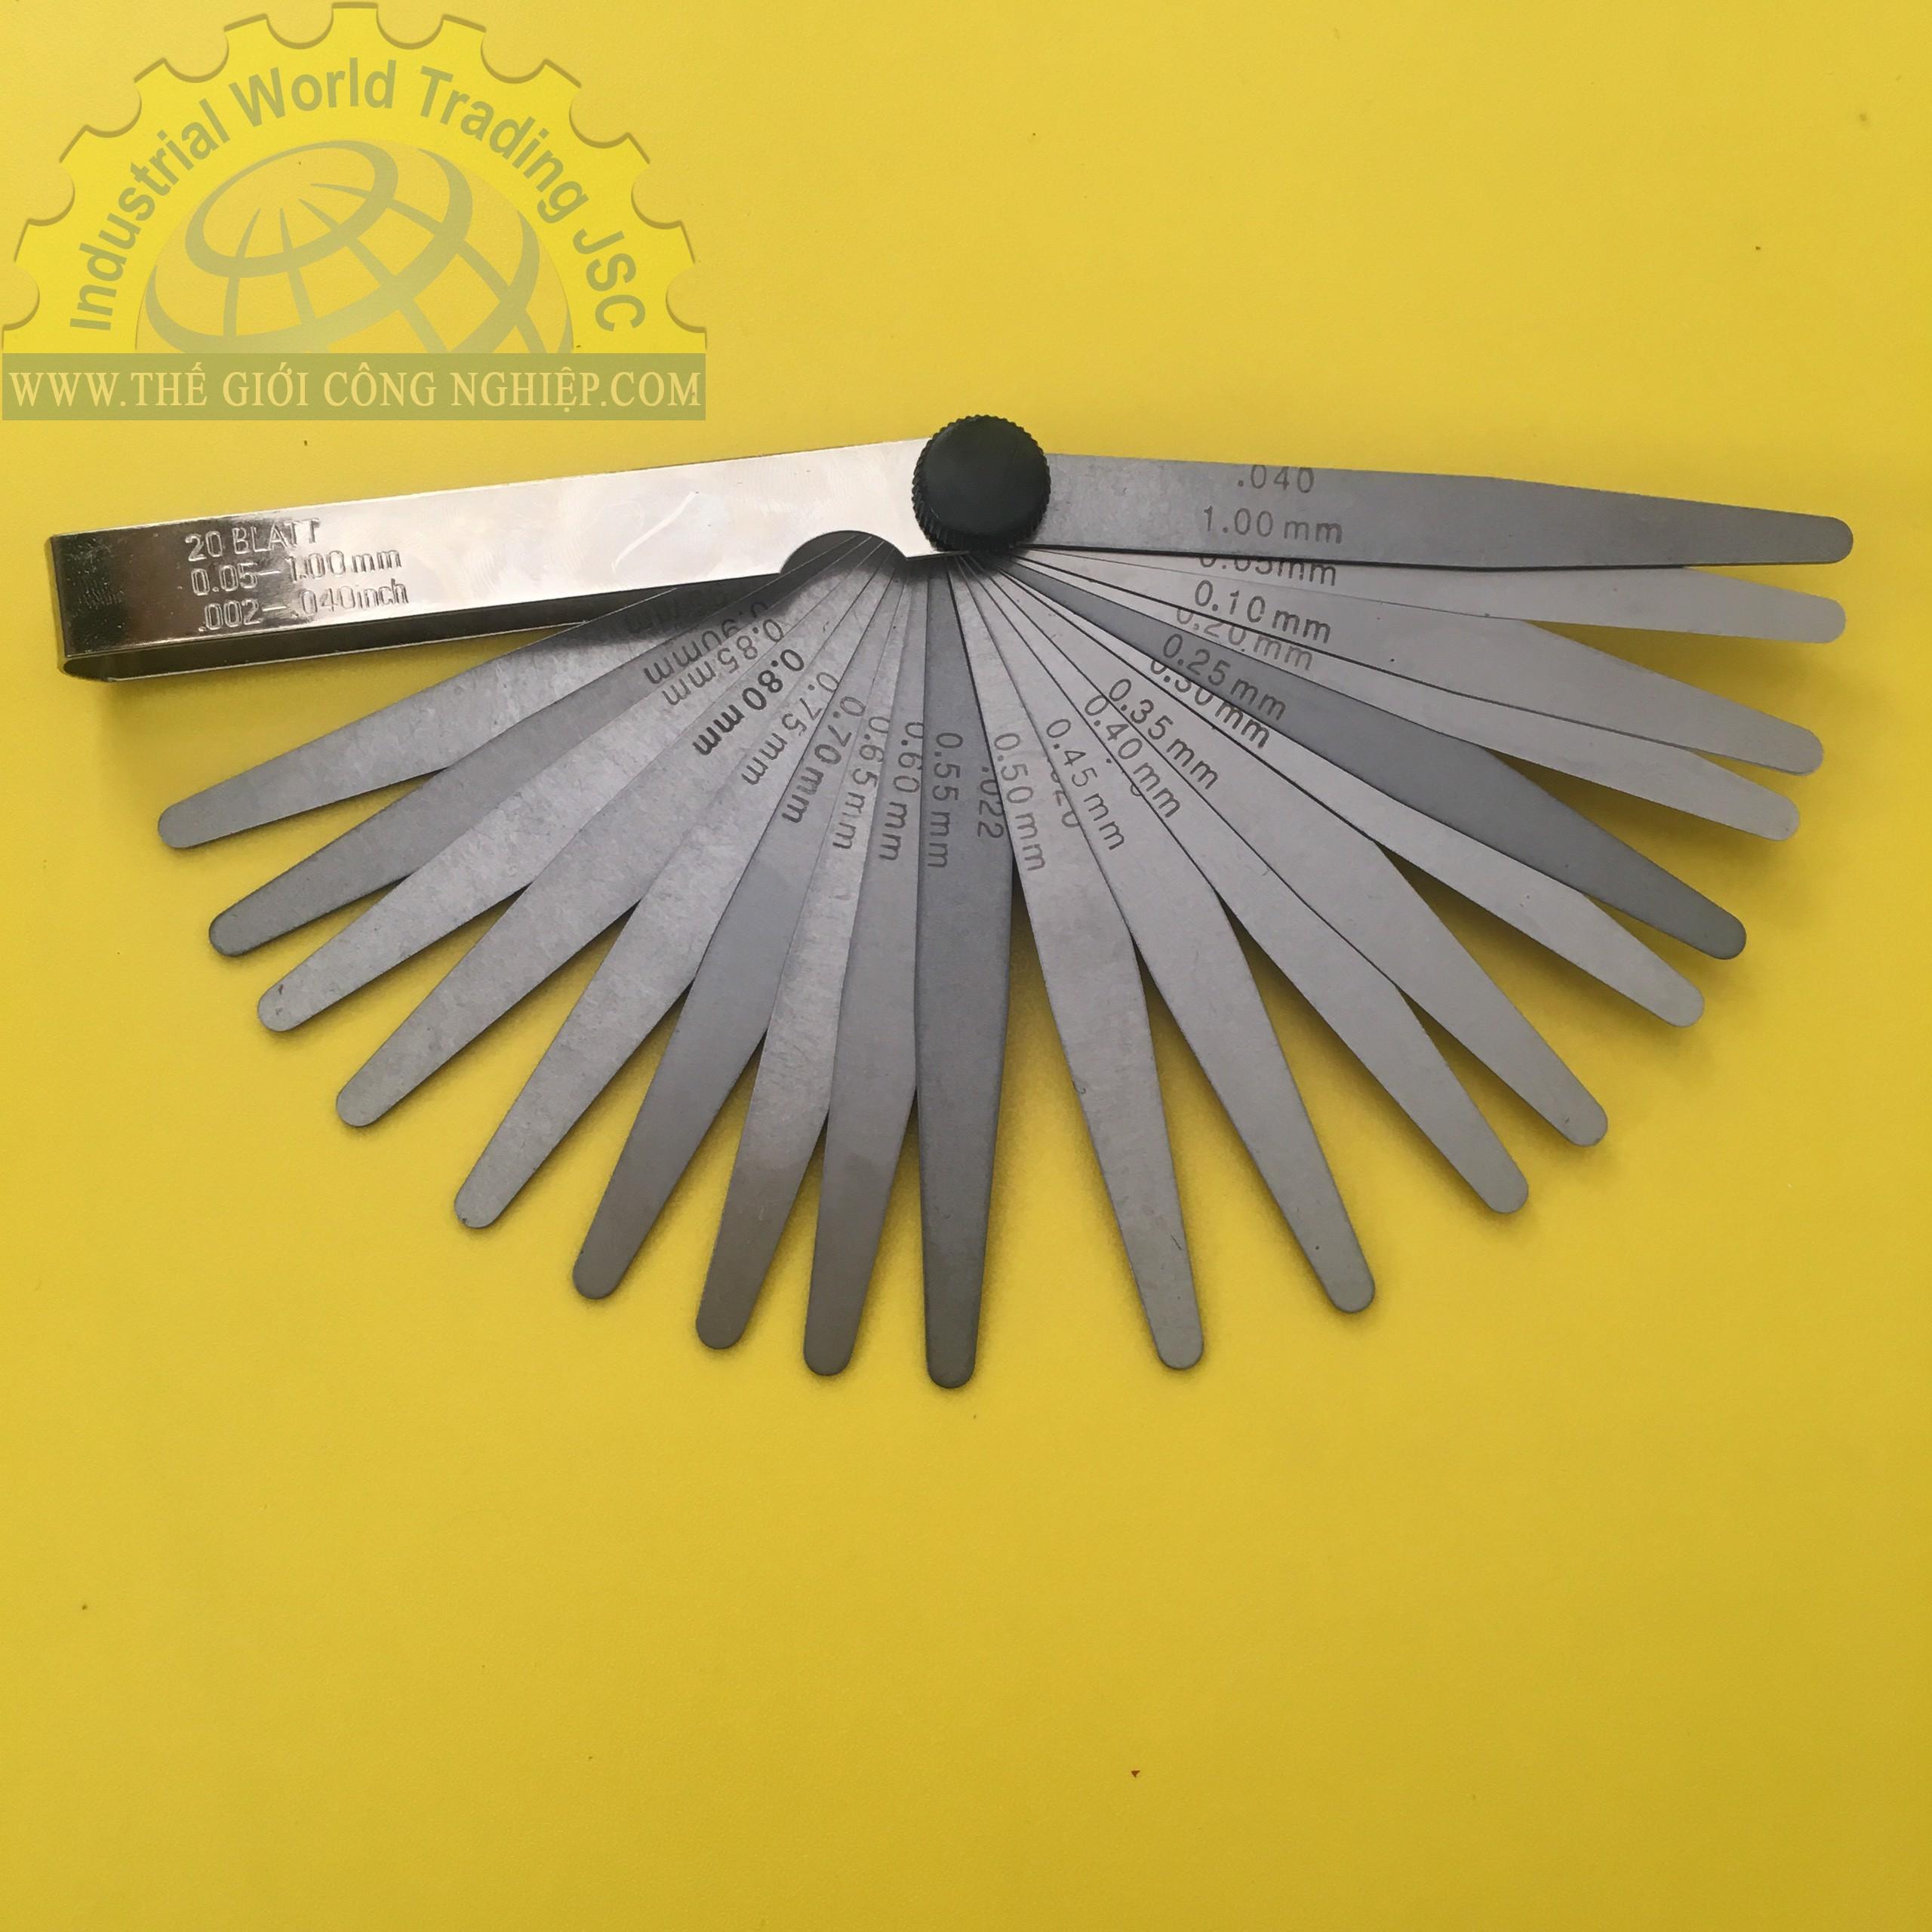 Thước căn lá 20 lá đo khe hở 0.05-1.0 mm  411007 Vogel